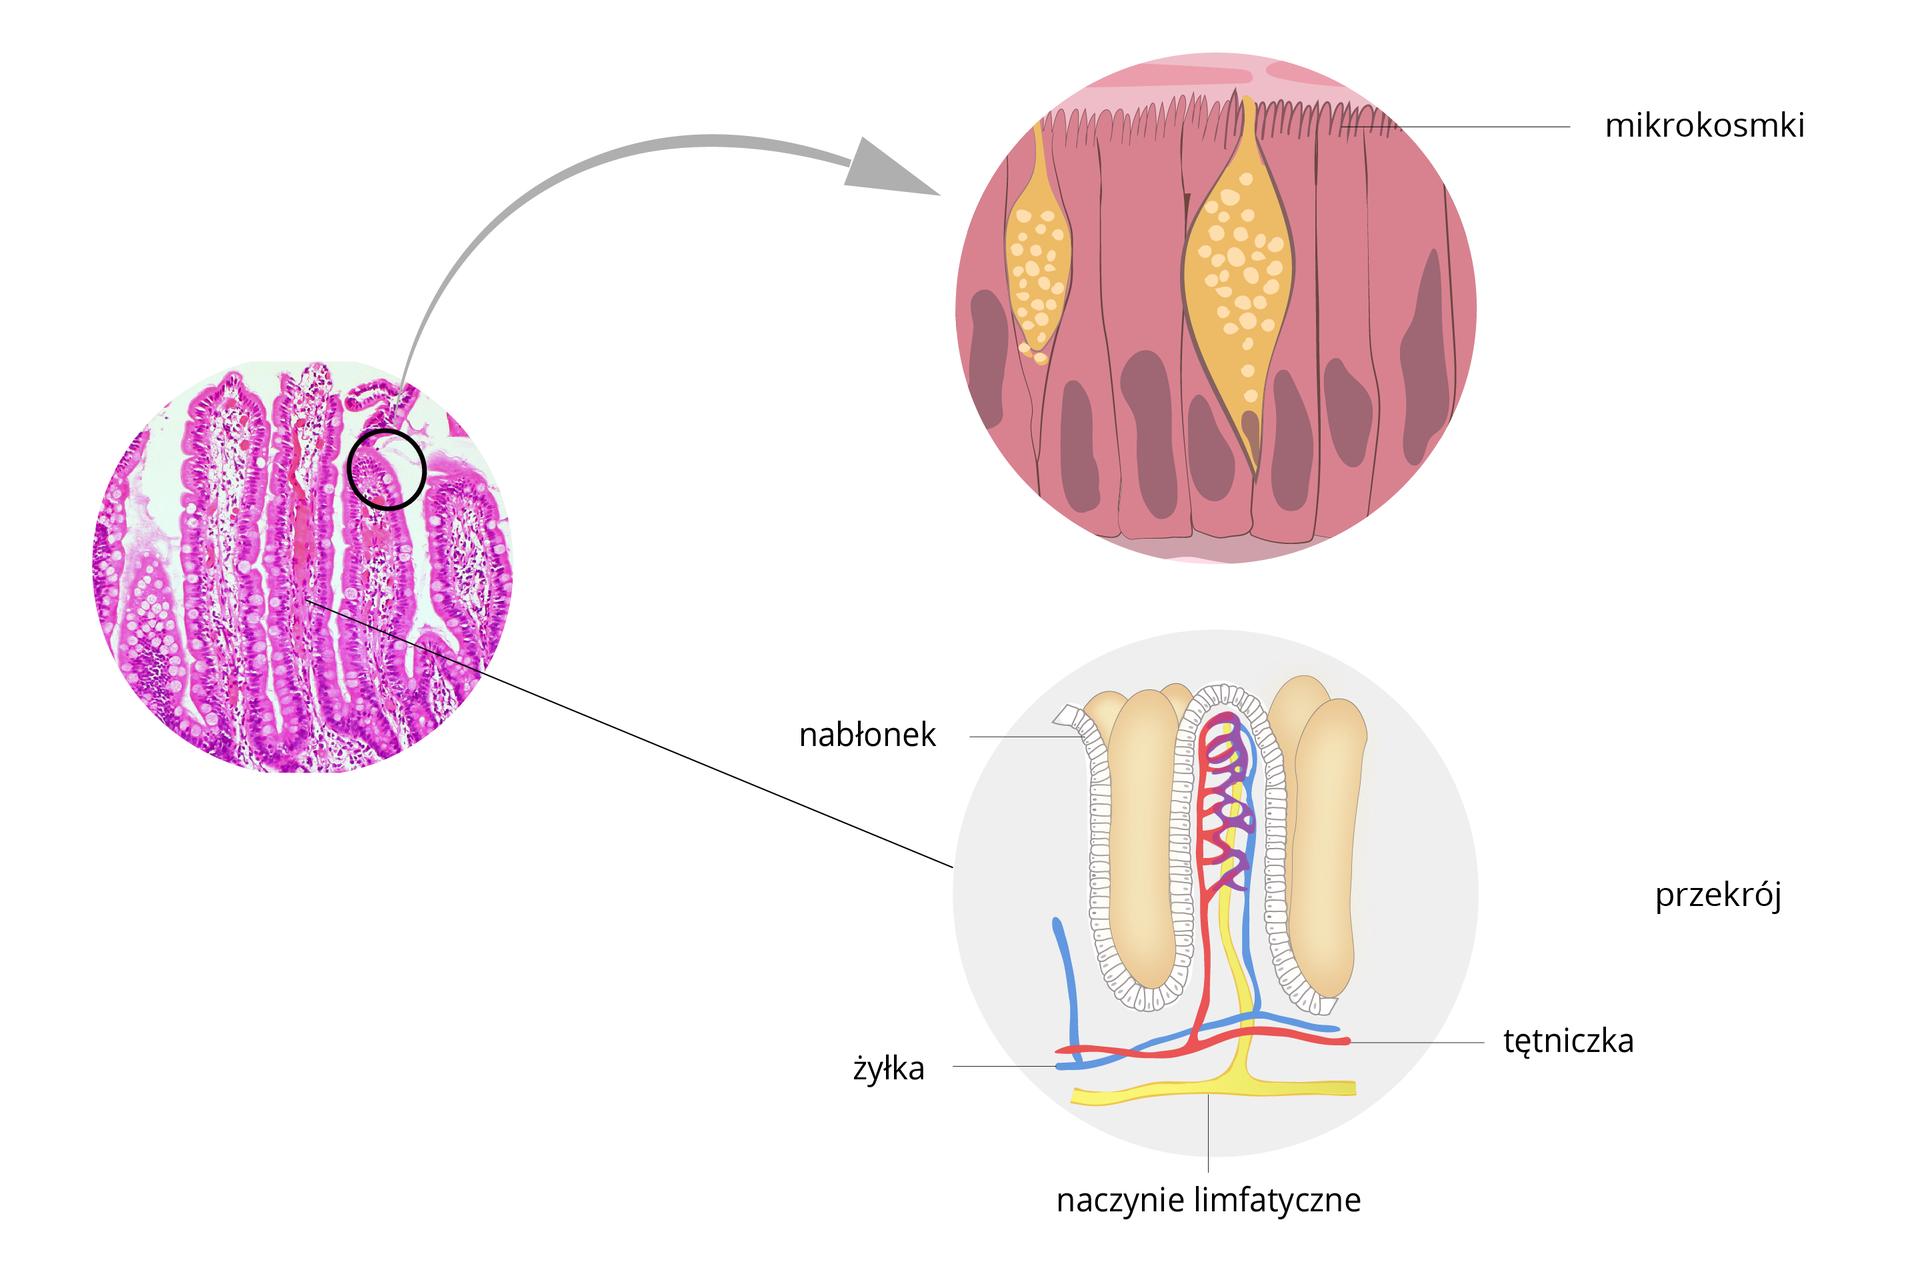 Ilustracja przedstawia obraz mikroskopowy kilku kosmków jelitowych, zabarwionych na fioletowo. Powiększenie ugóry przedstawia rysunek fioletowych komórek nabłonka jelitowego zkosmka, przedzielonych żółtymi, nakrapianymi gruczołami. Komórki mają ugóry wypustki – mikrokosmki. Rysunek poniżej przedstawia przekrój przez jeden kosmek jelitowy. Wskazano nabłonek, niebieską żyłkę iczerwoną tętniczkę. Pod nimi żółte naczynie limfatyczne.